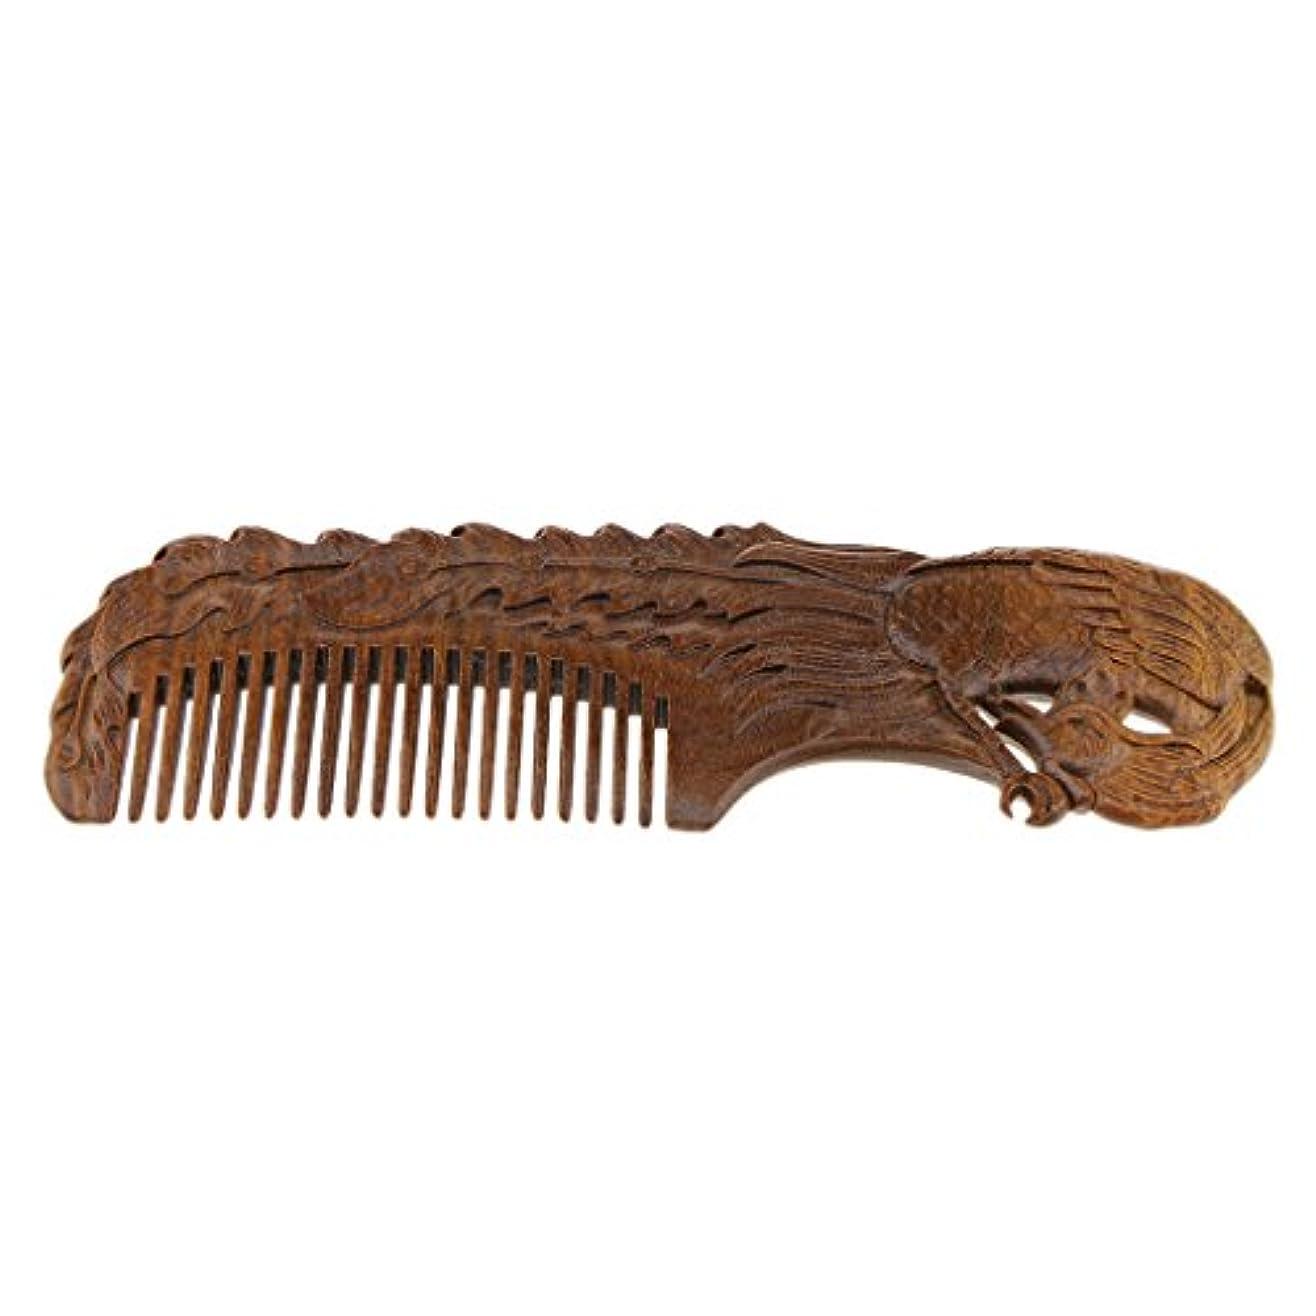 インドペンダントに対してウッドコーム 木製櫛 高品質 ナチュラル ワイド歯 ヘアブラシ ヘアスタイリング デタングリングコーム 2タイプ - Phoenix